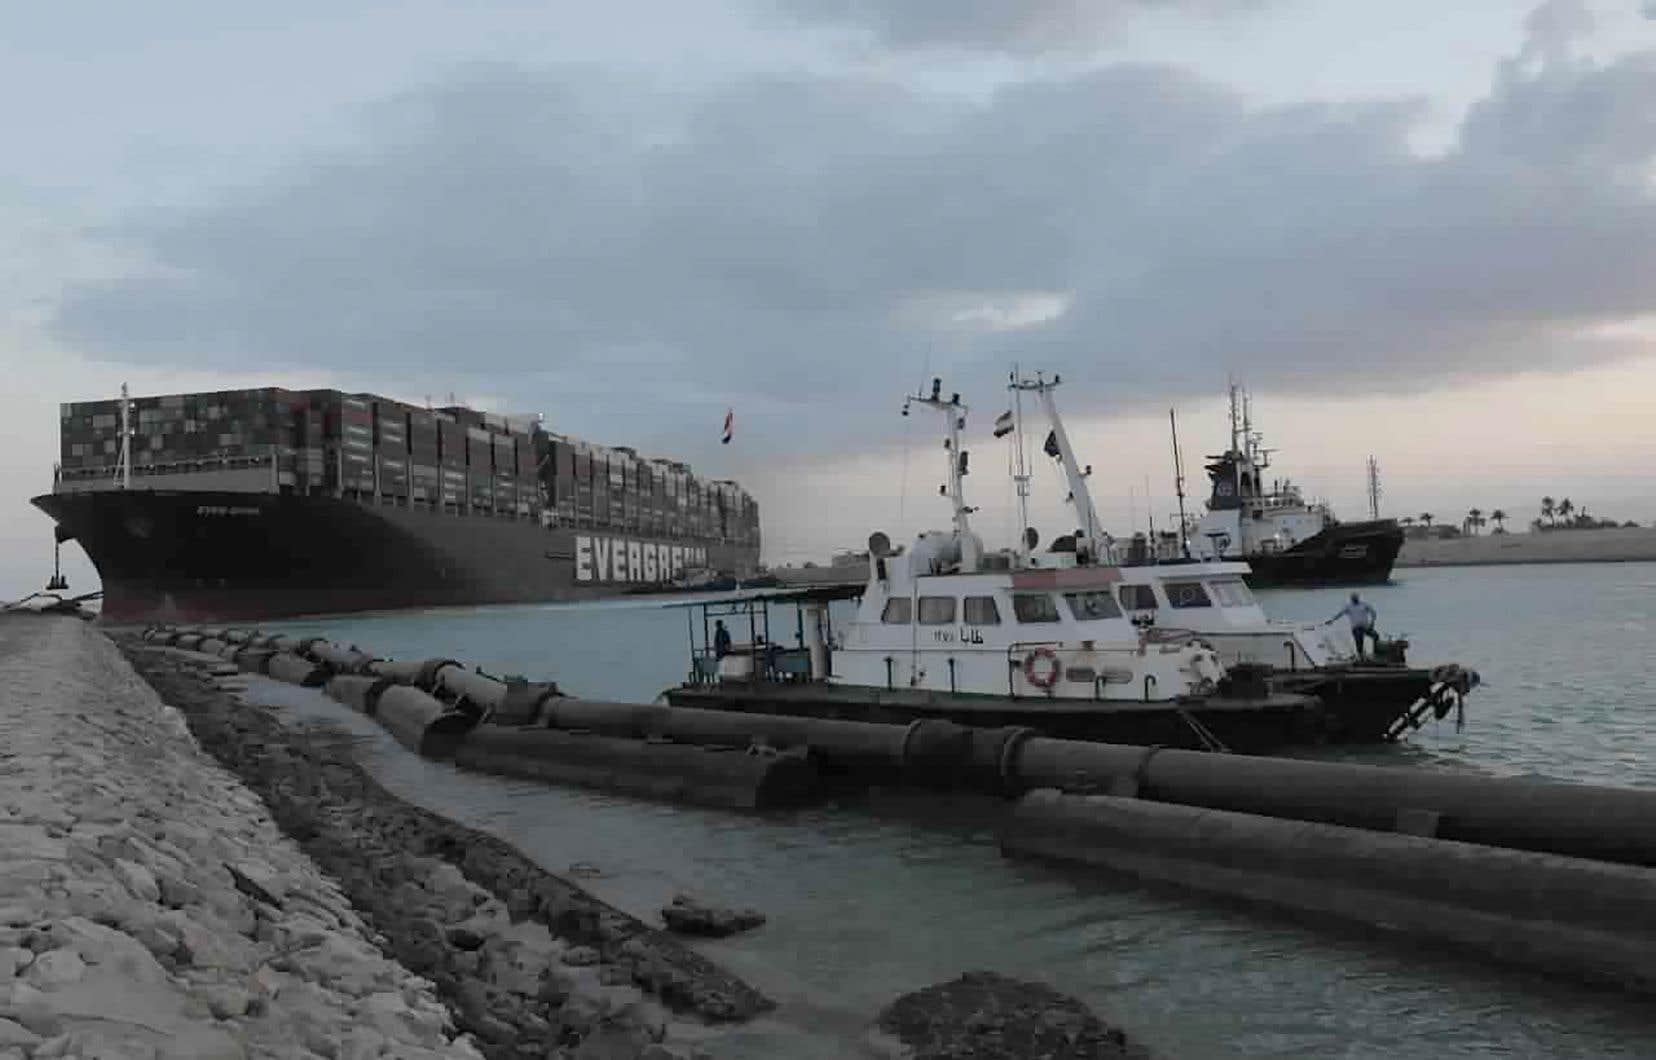 Selon la presse d'État égyptienne, le président Abdel Fattah al-Sissi a ordonné des «préparations» pour alléger le navire de ses conteneurs. Cette dernière solution, qui pourrait prendre des semaines, sera retenue si le dragage devient inefficace.